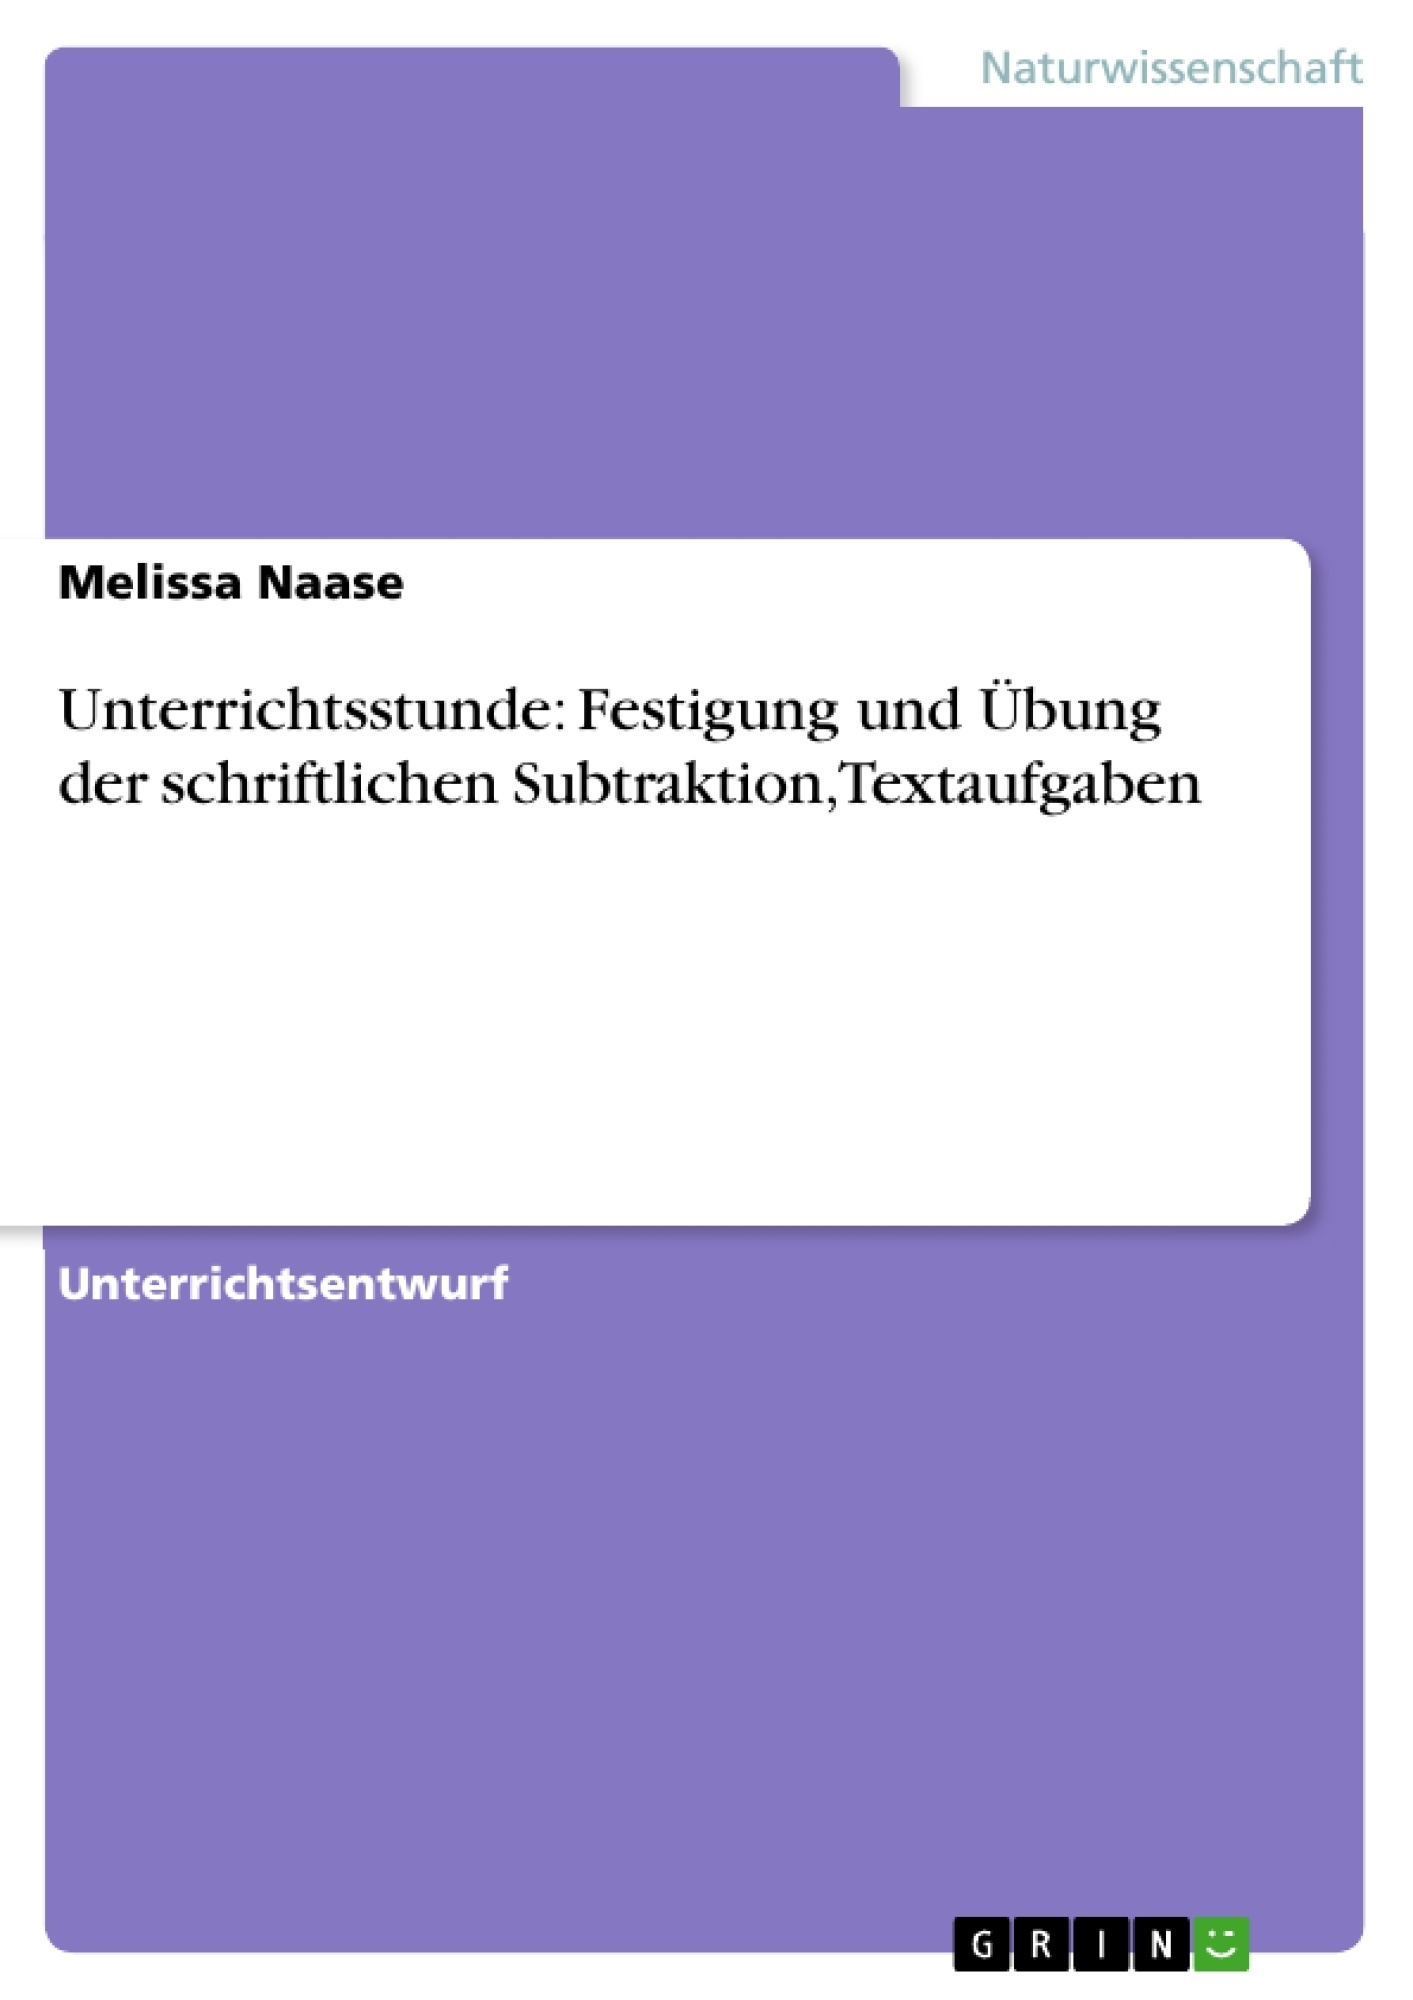 Titel: Unterrichtsstunde: Festigung und Übung der schriftlichen Subtraktion, Textaufgaben